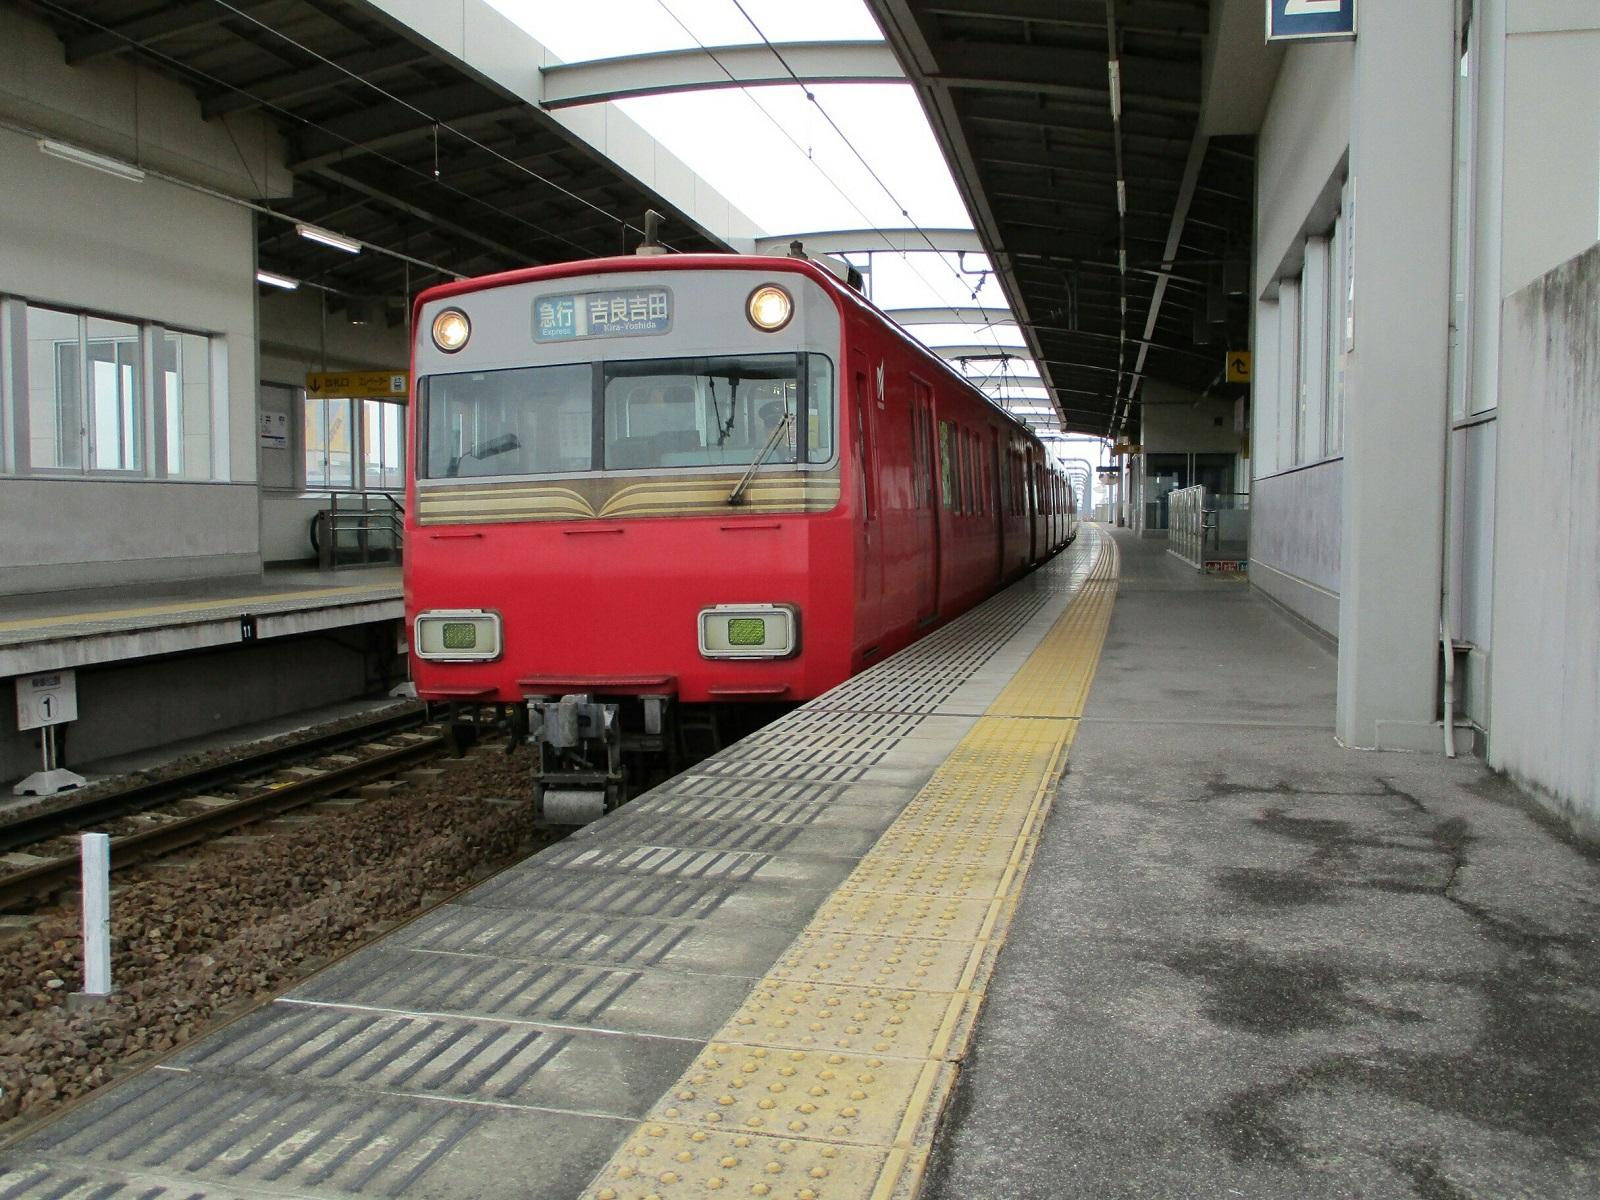 2018.6.15 吉良吉田 (1) 桜井 - 吉良吉田いき急行 1600-1200